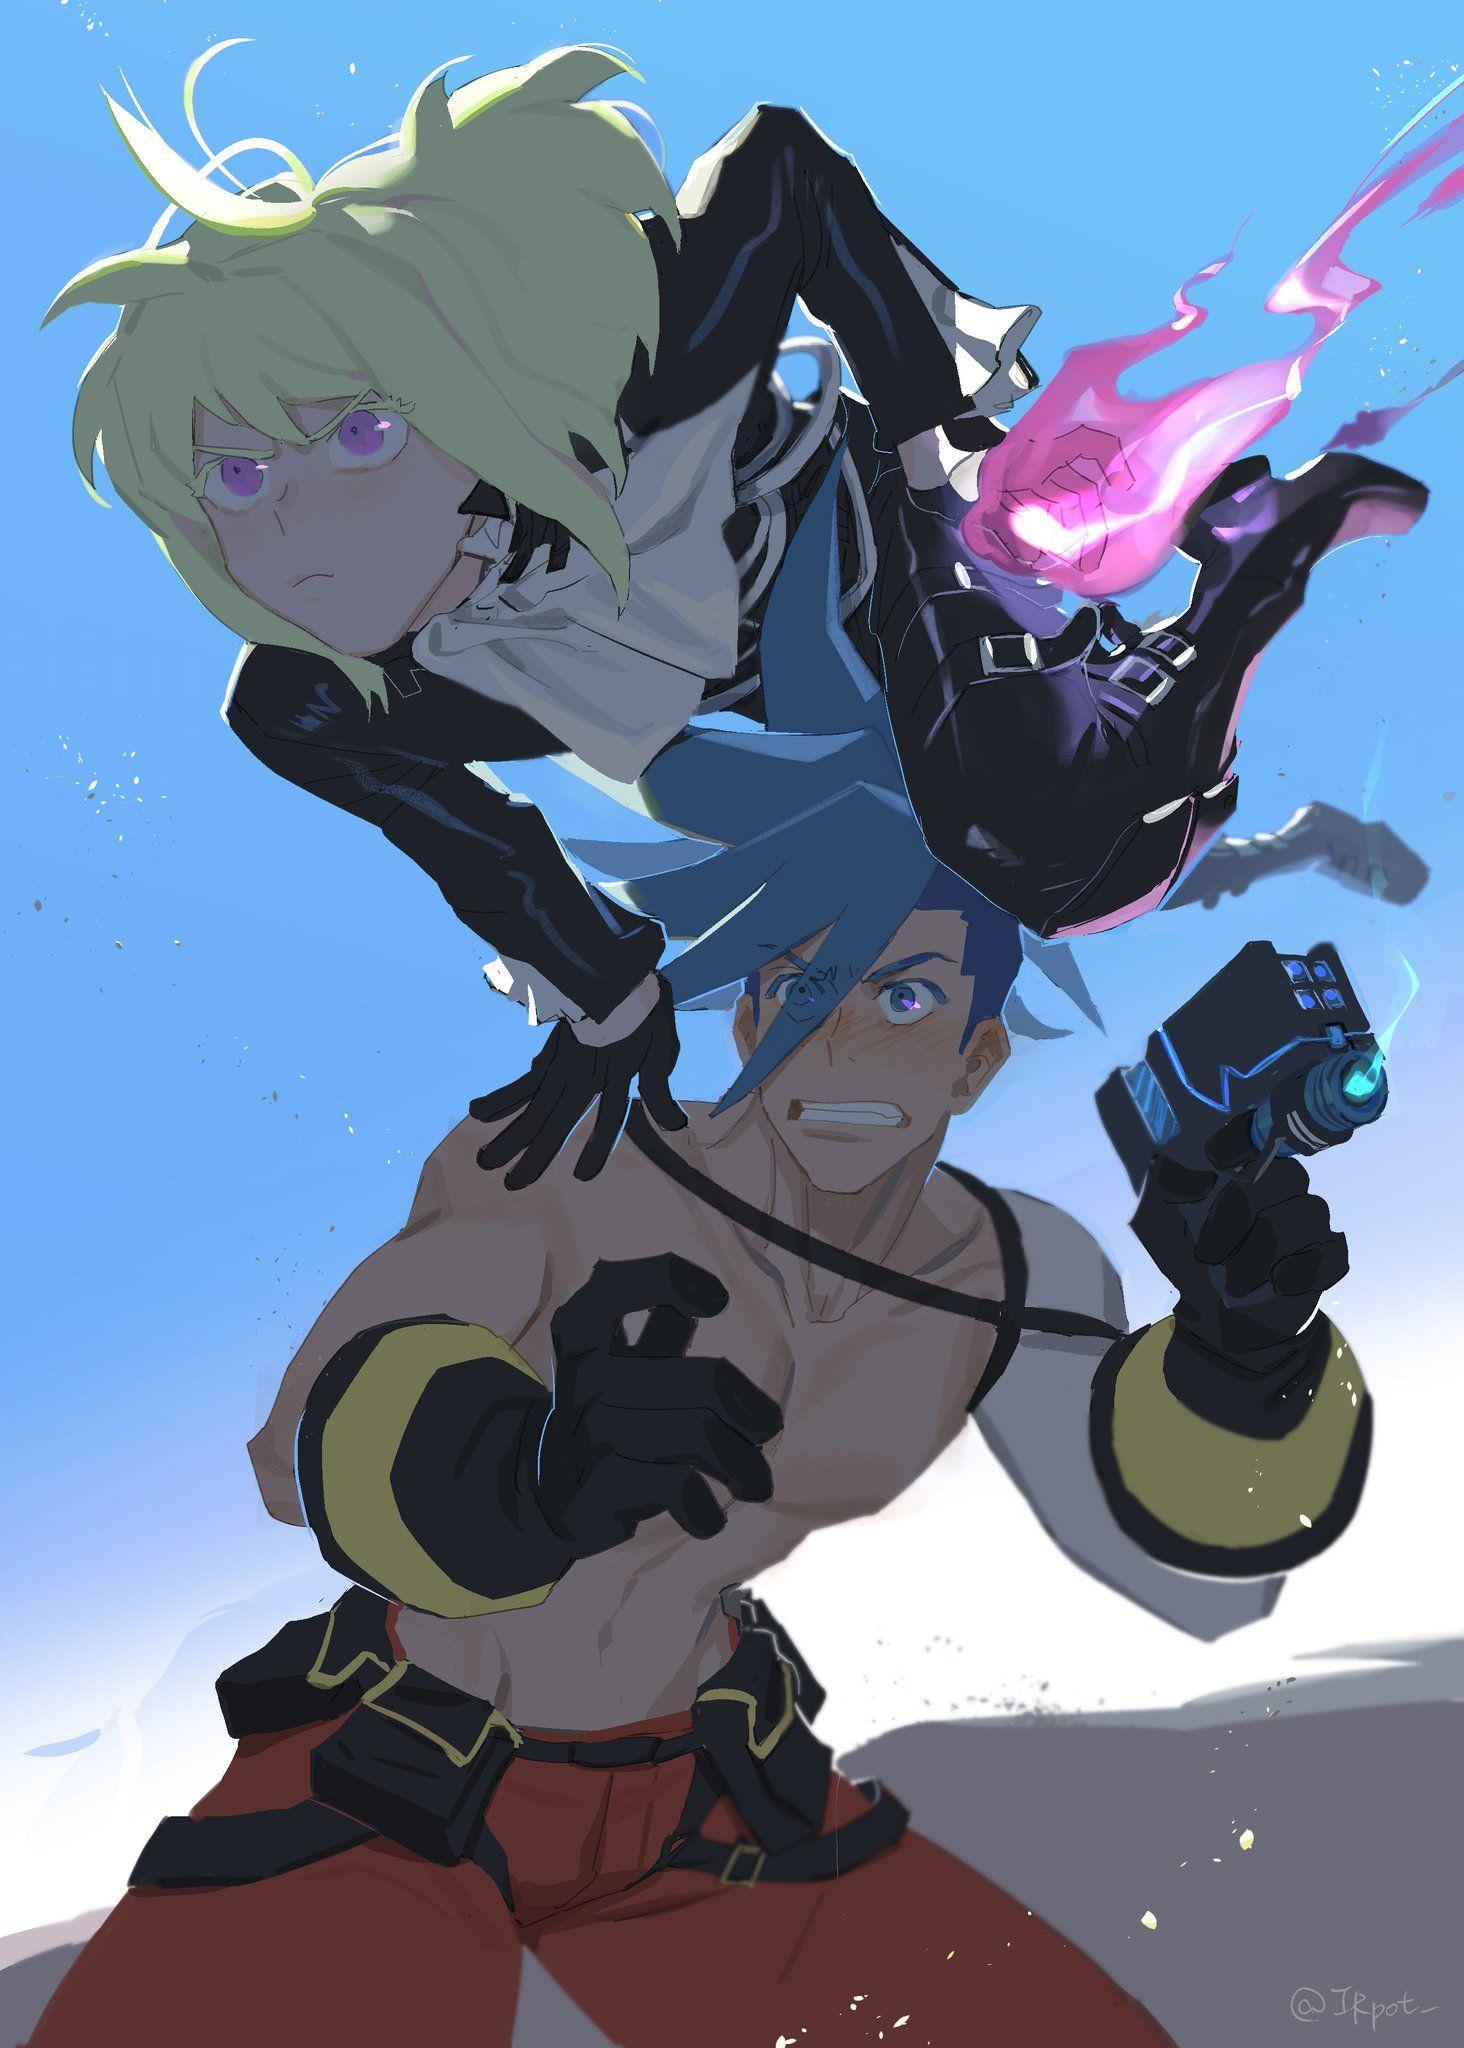 阿鍋 on in 2020 Anime, Fictional characters, Master chief